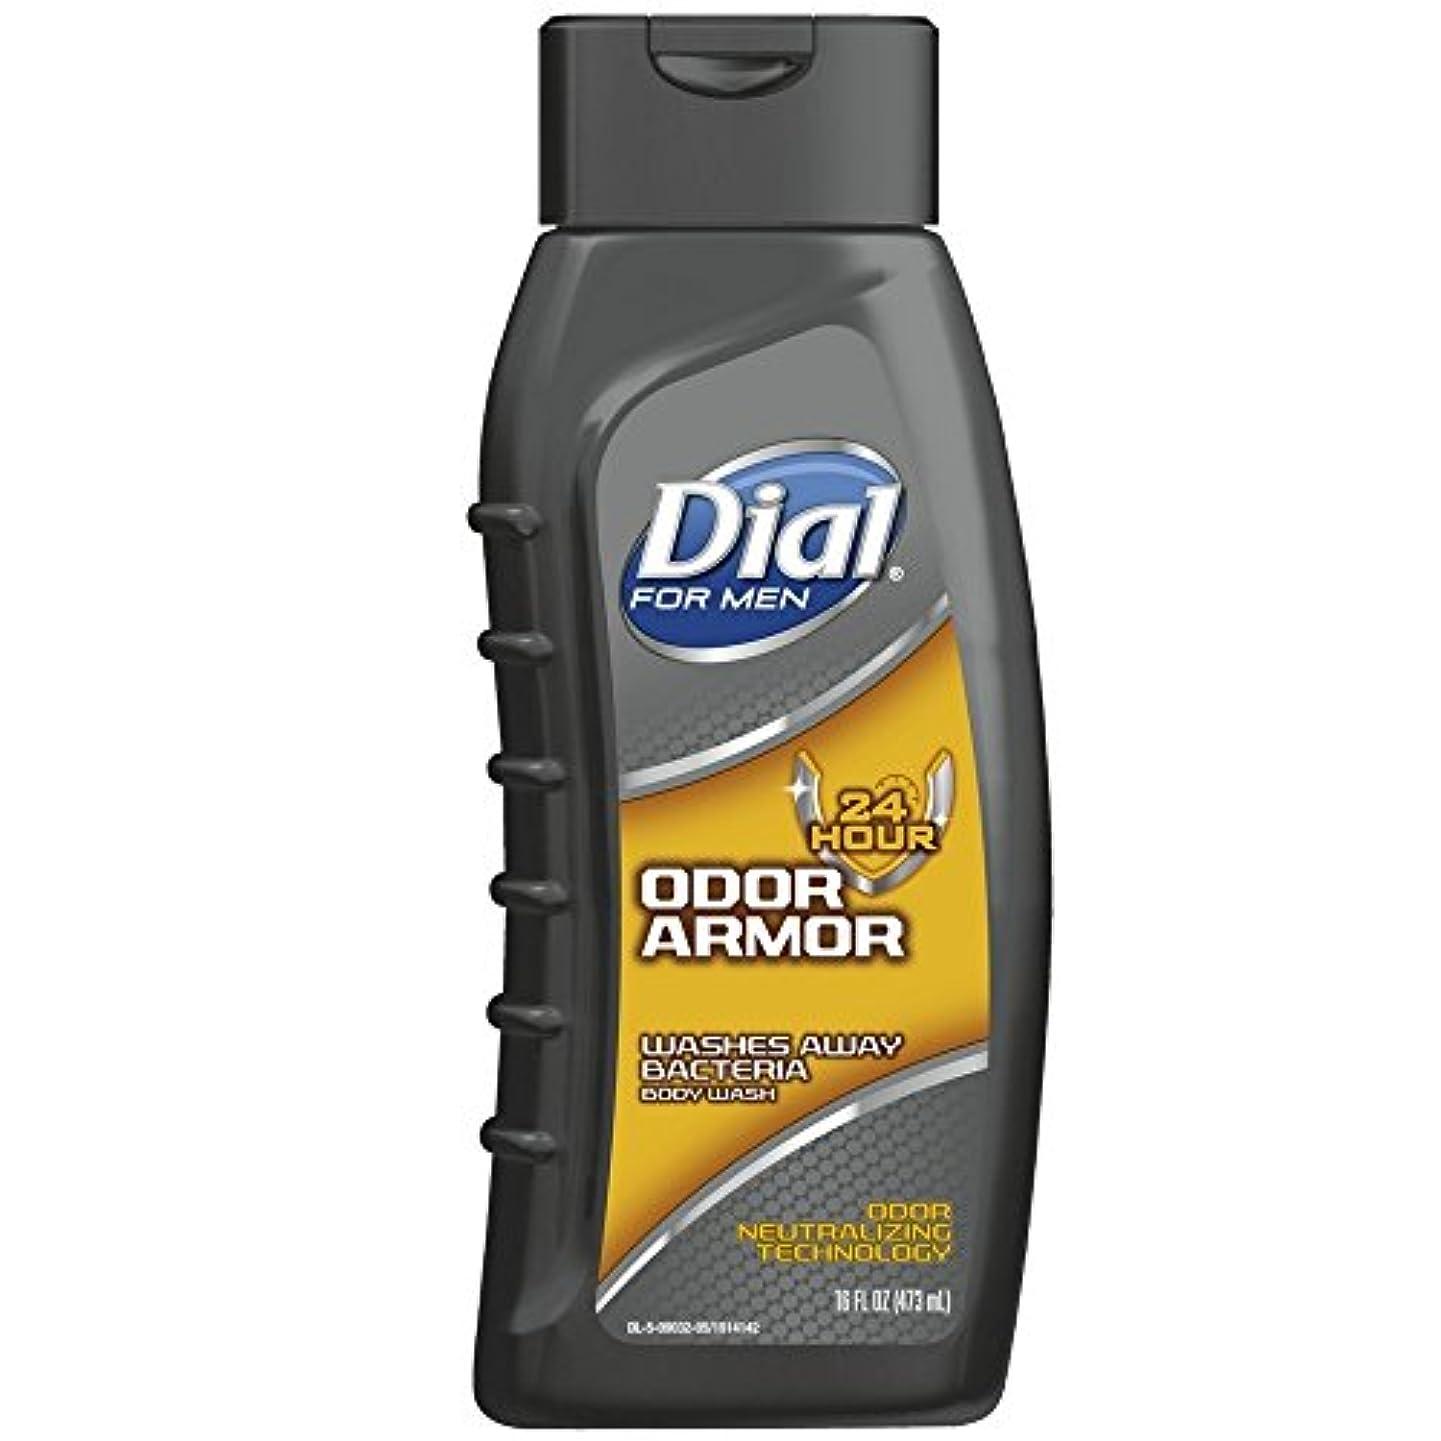 人工持参夫Dial 男性抗菌ボディウォッシュ、臭いアーマー16オンスのために